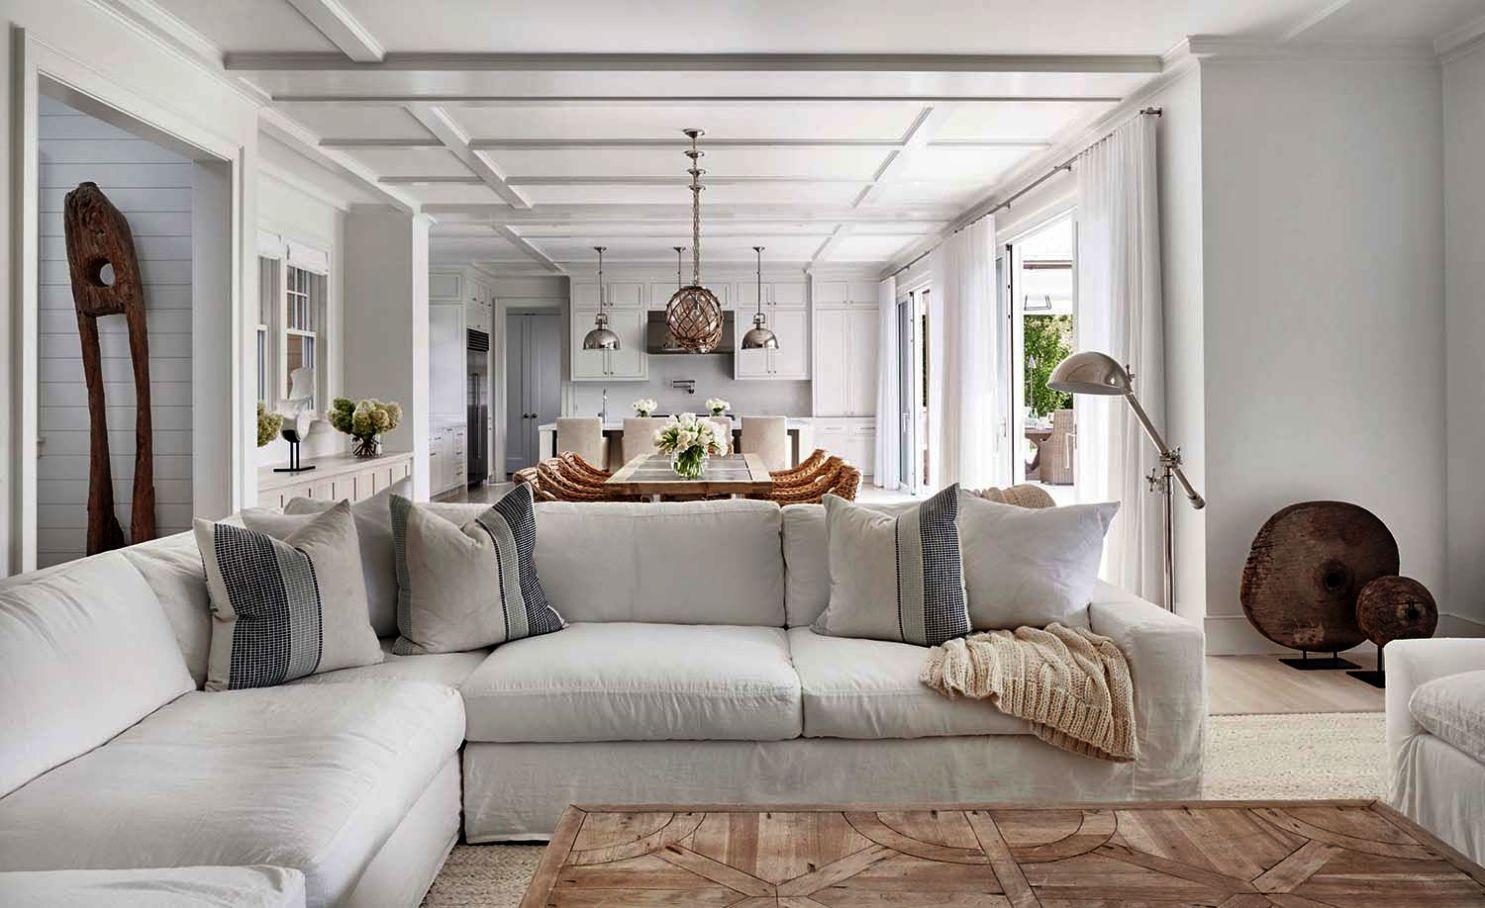 Home Decor Ideas Diy Pinterest But Ideas For Beach House Decor All